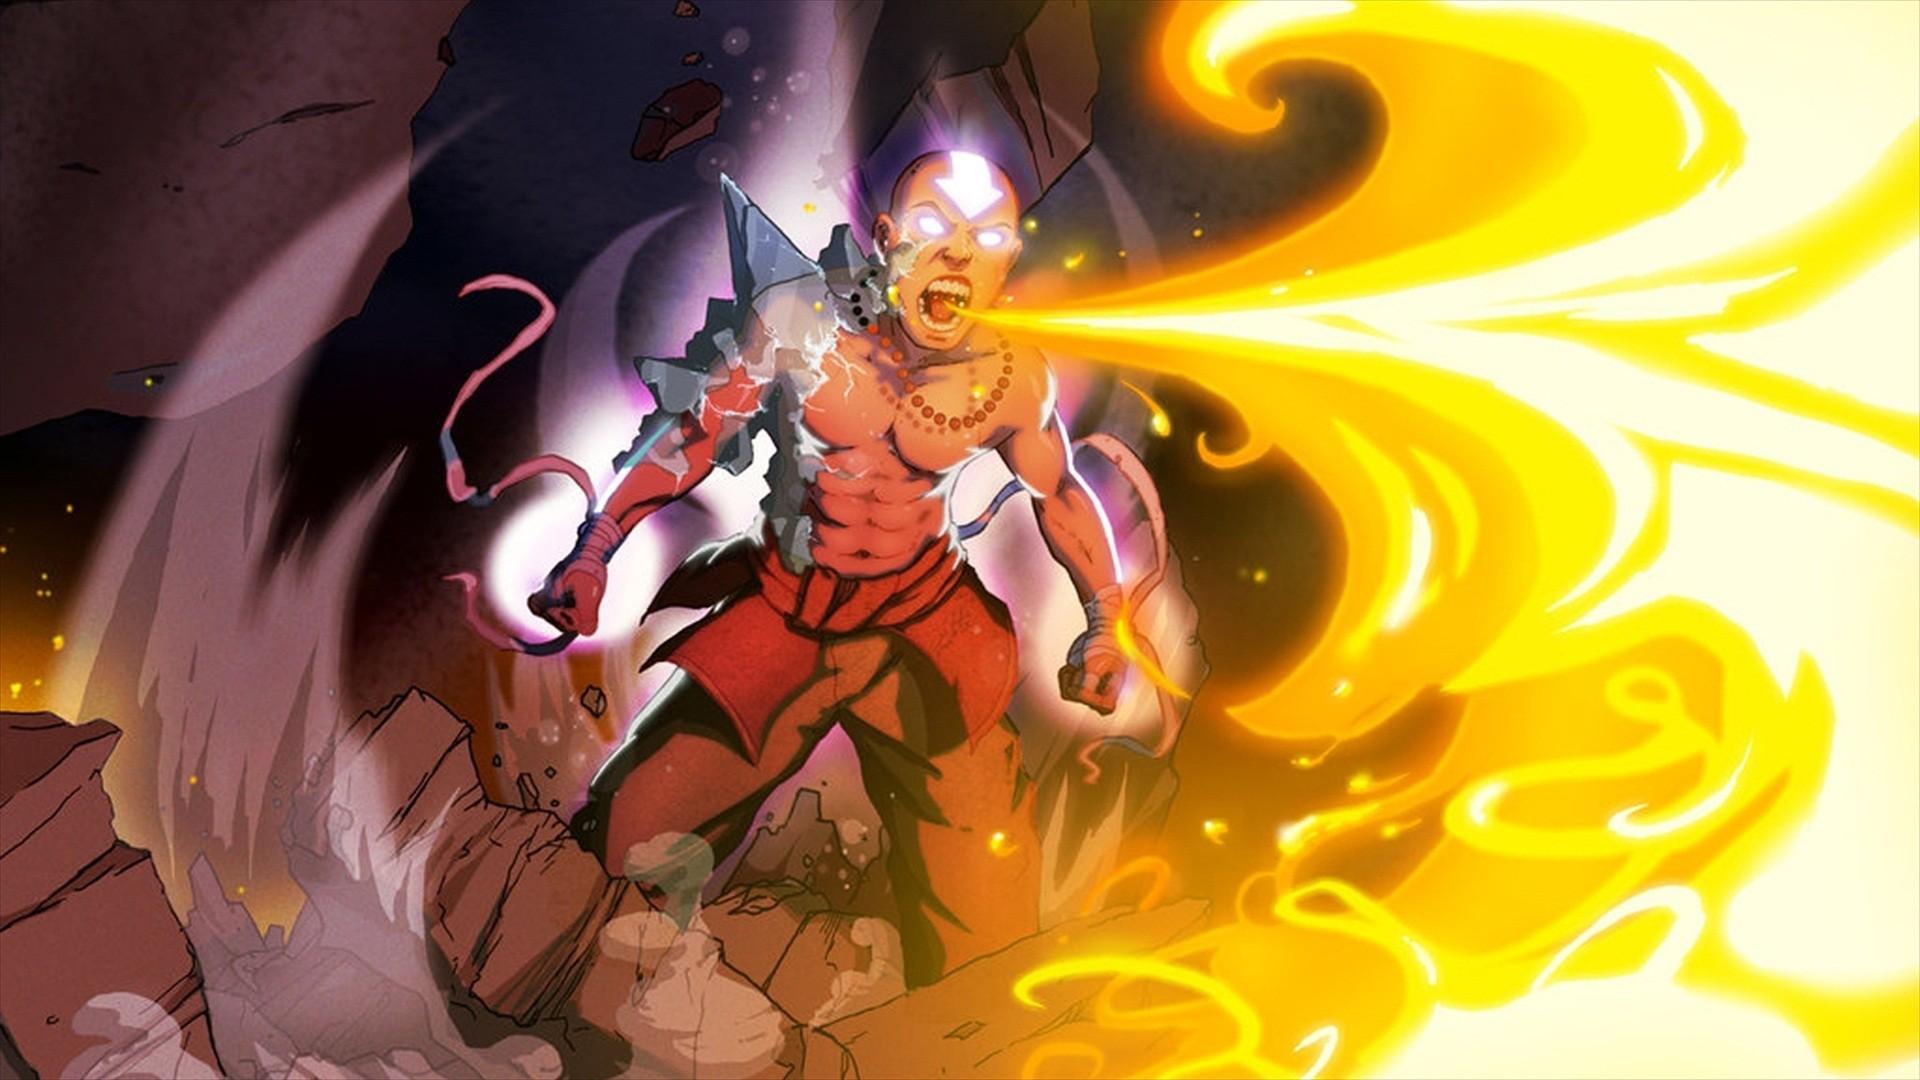 Aang Wallpaper image hd